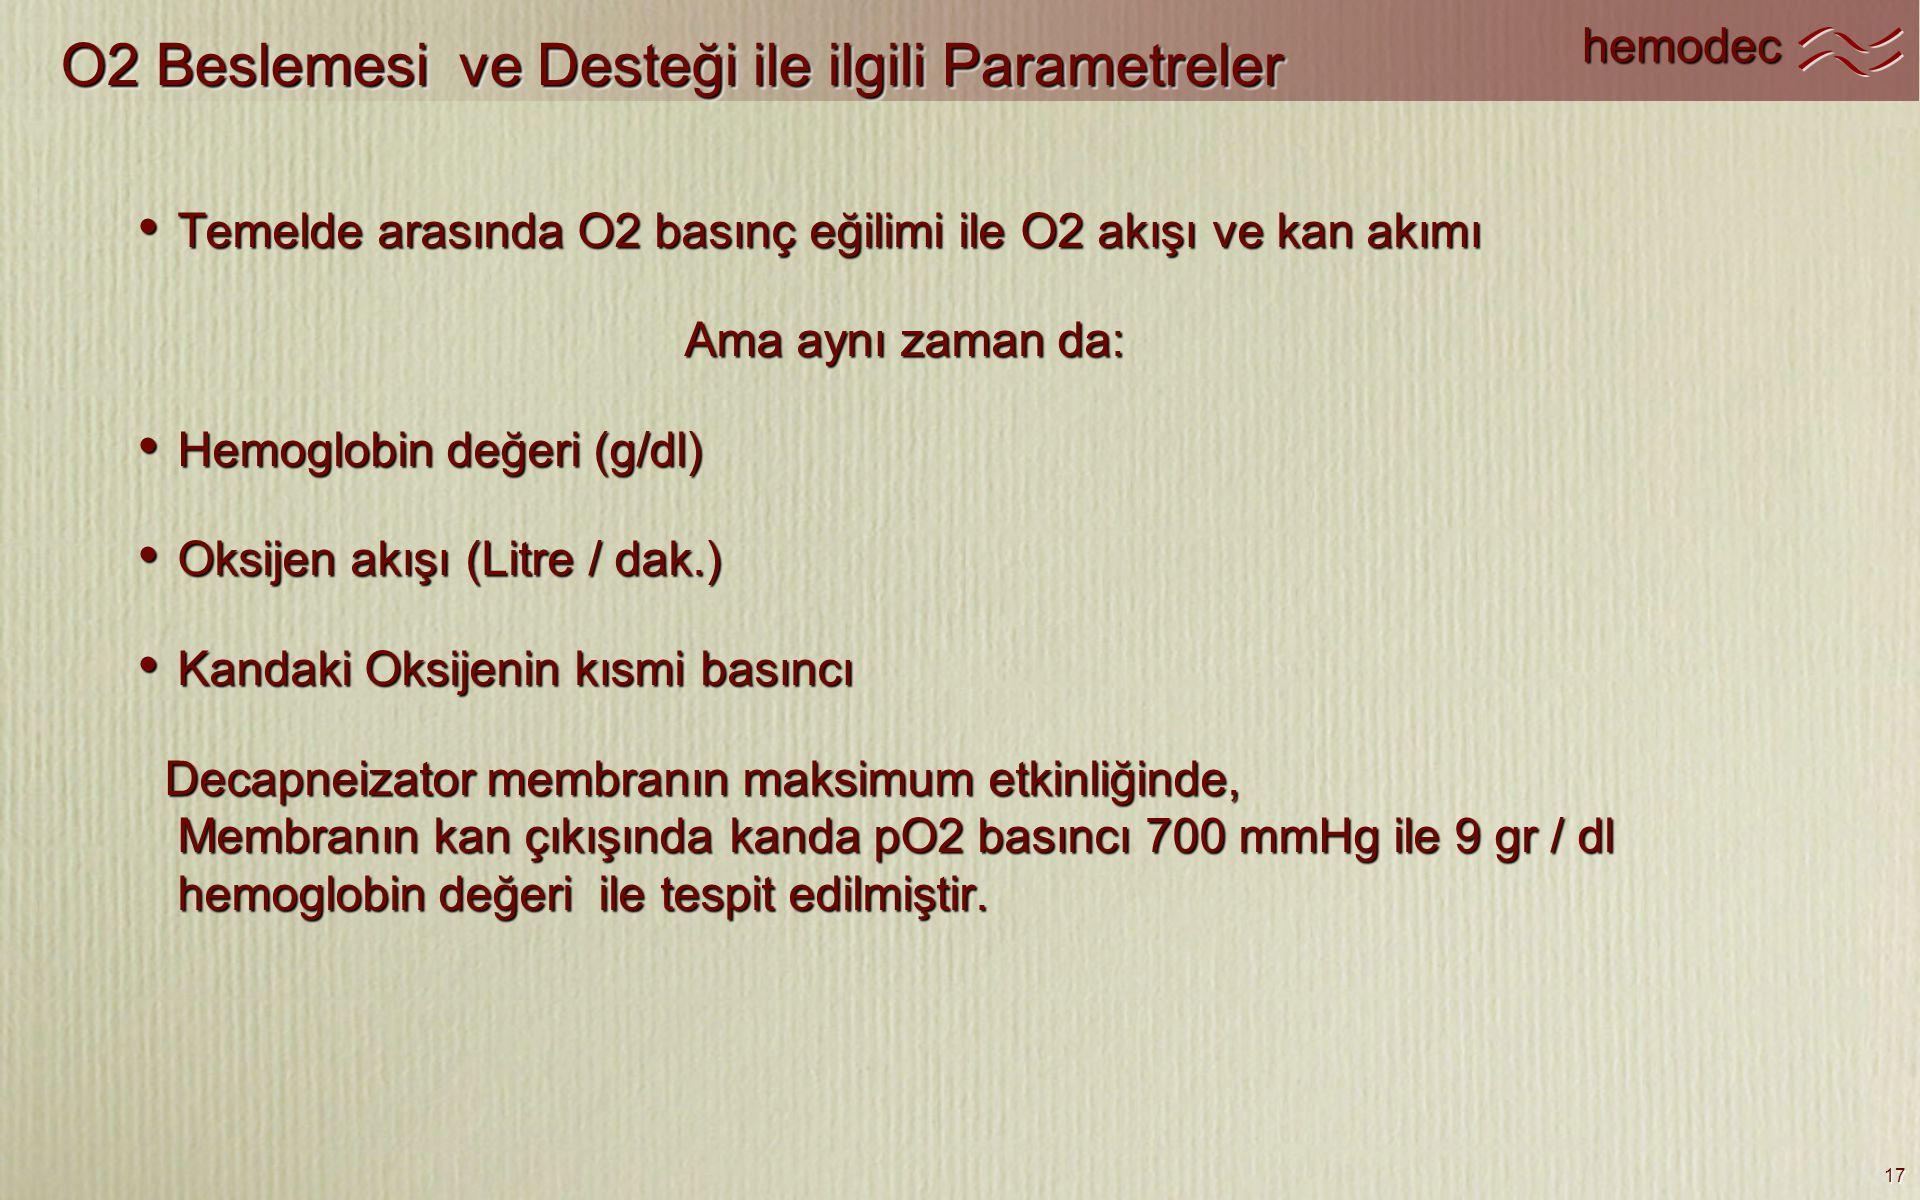 O2 Beslemesi ve Desteği ile ilgili Parametreler